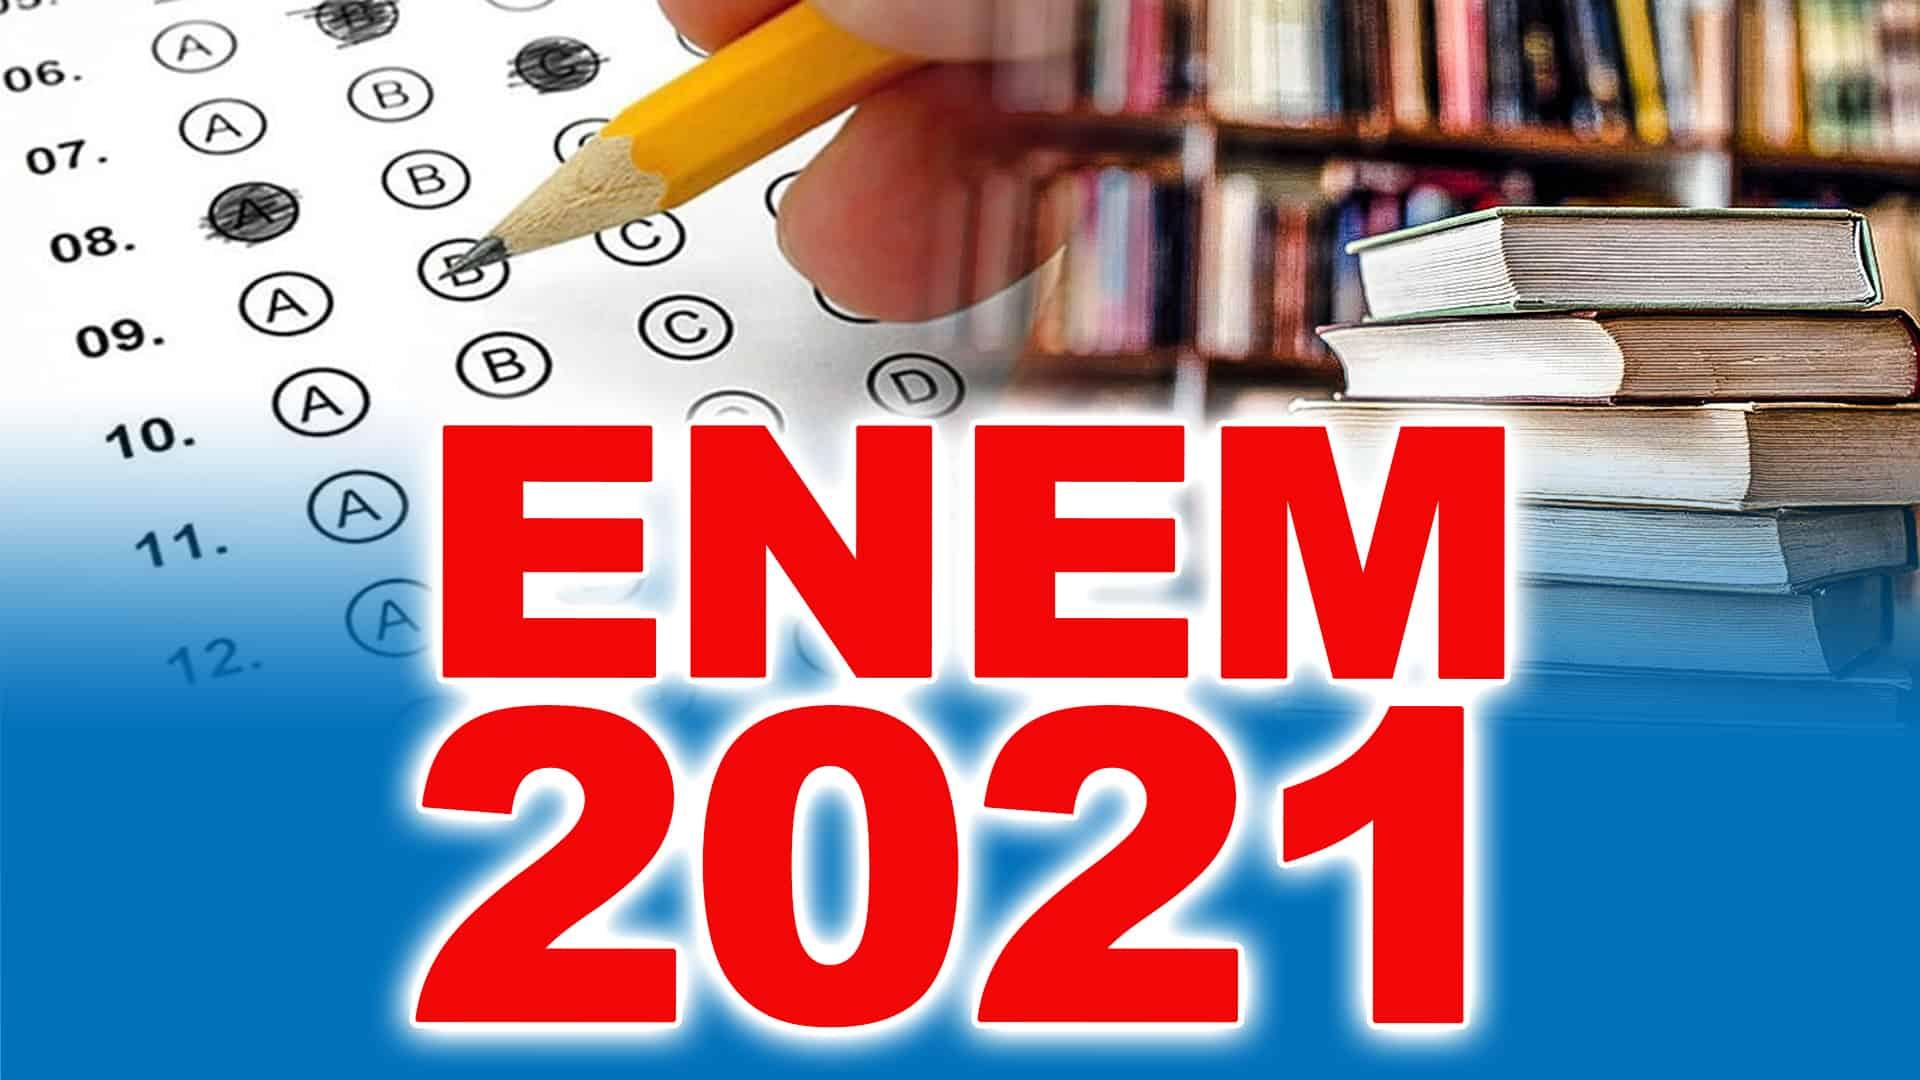 ENEM 2021: Inscrições, novidades da prova e como fazer login no INEP